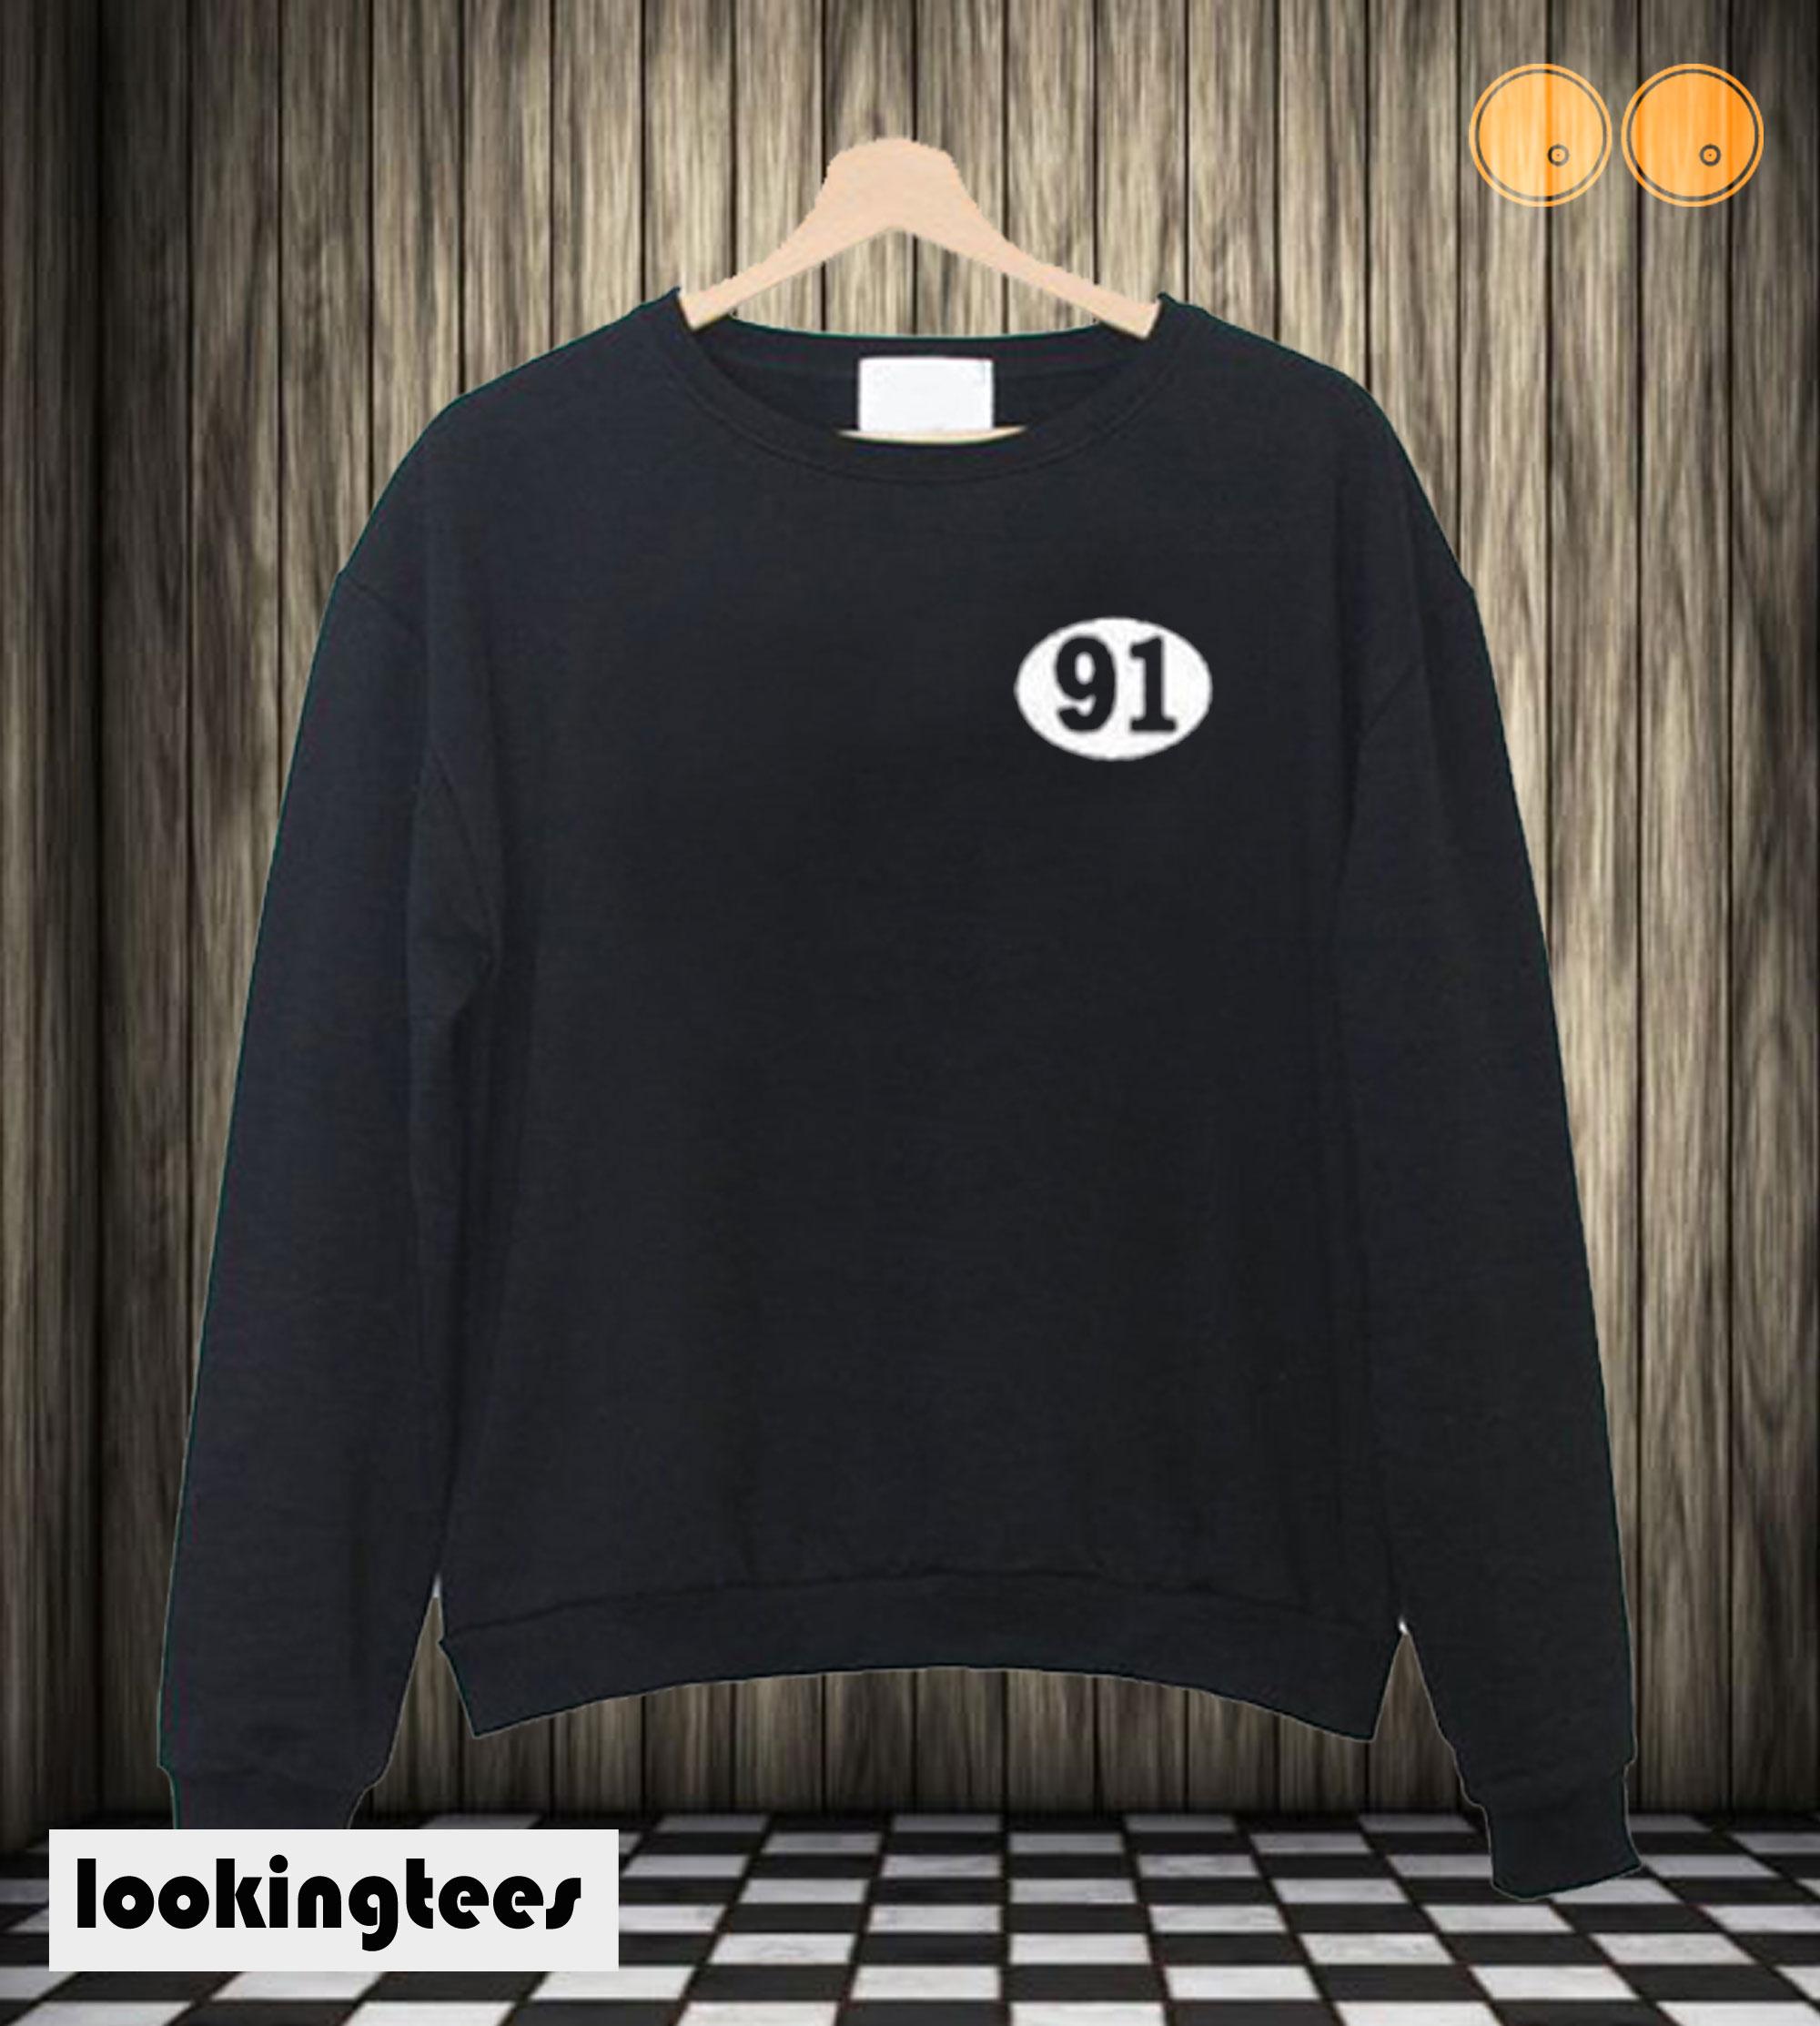 91 Number Sweatshirt